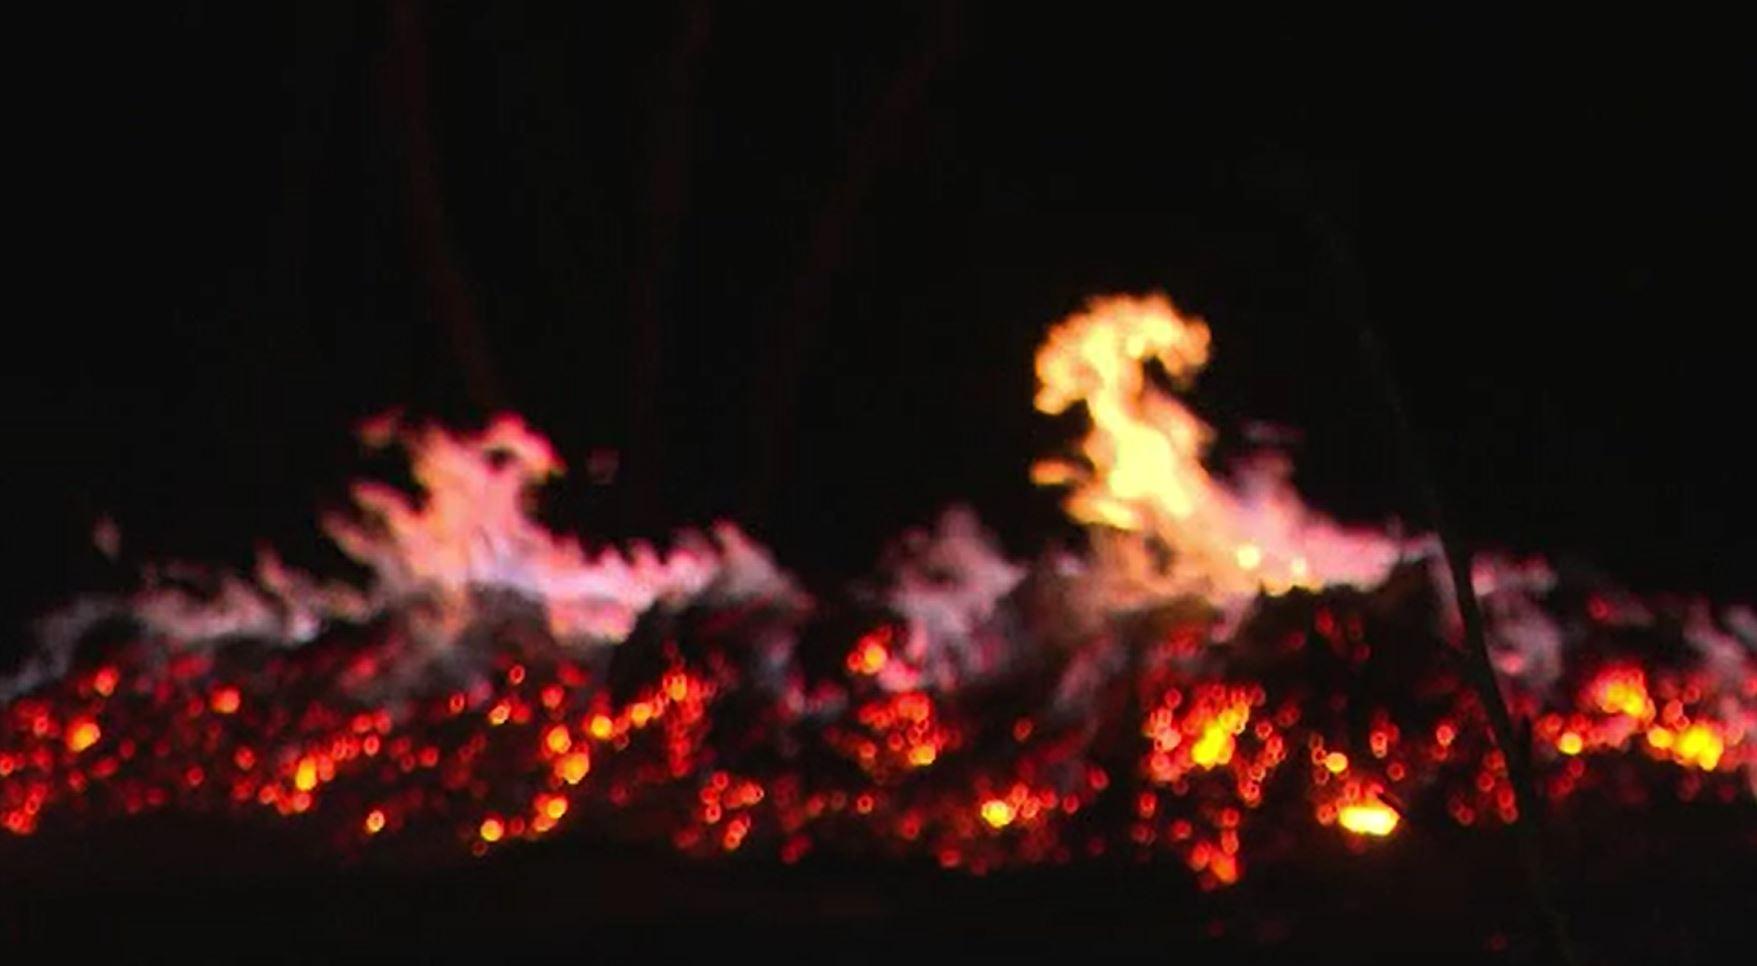 Incendiile de vegetație produc pagube uriașe și în România. Sute de hectare de pământ au fost devastate de flăcări